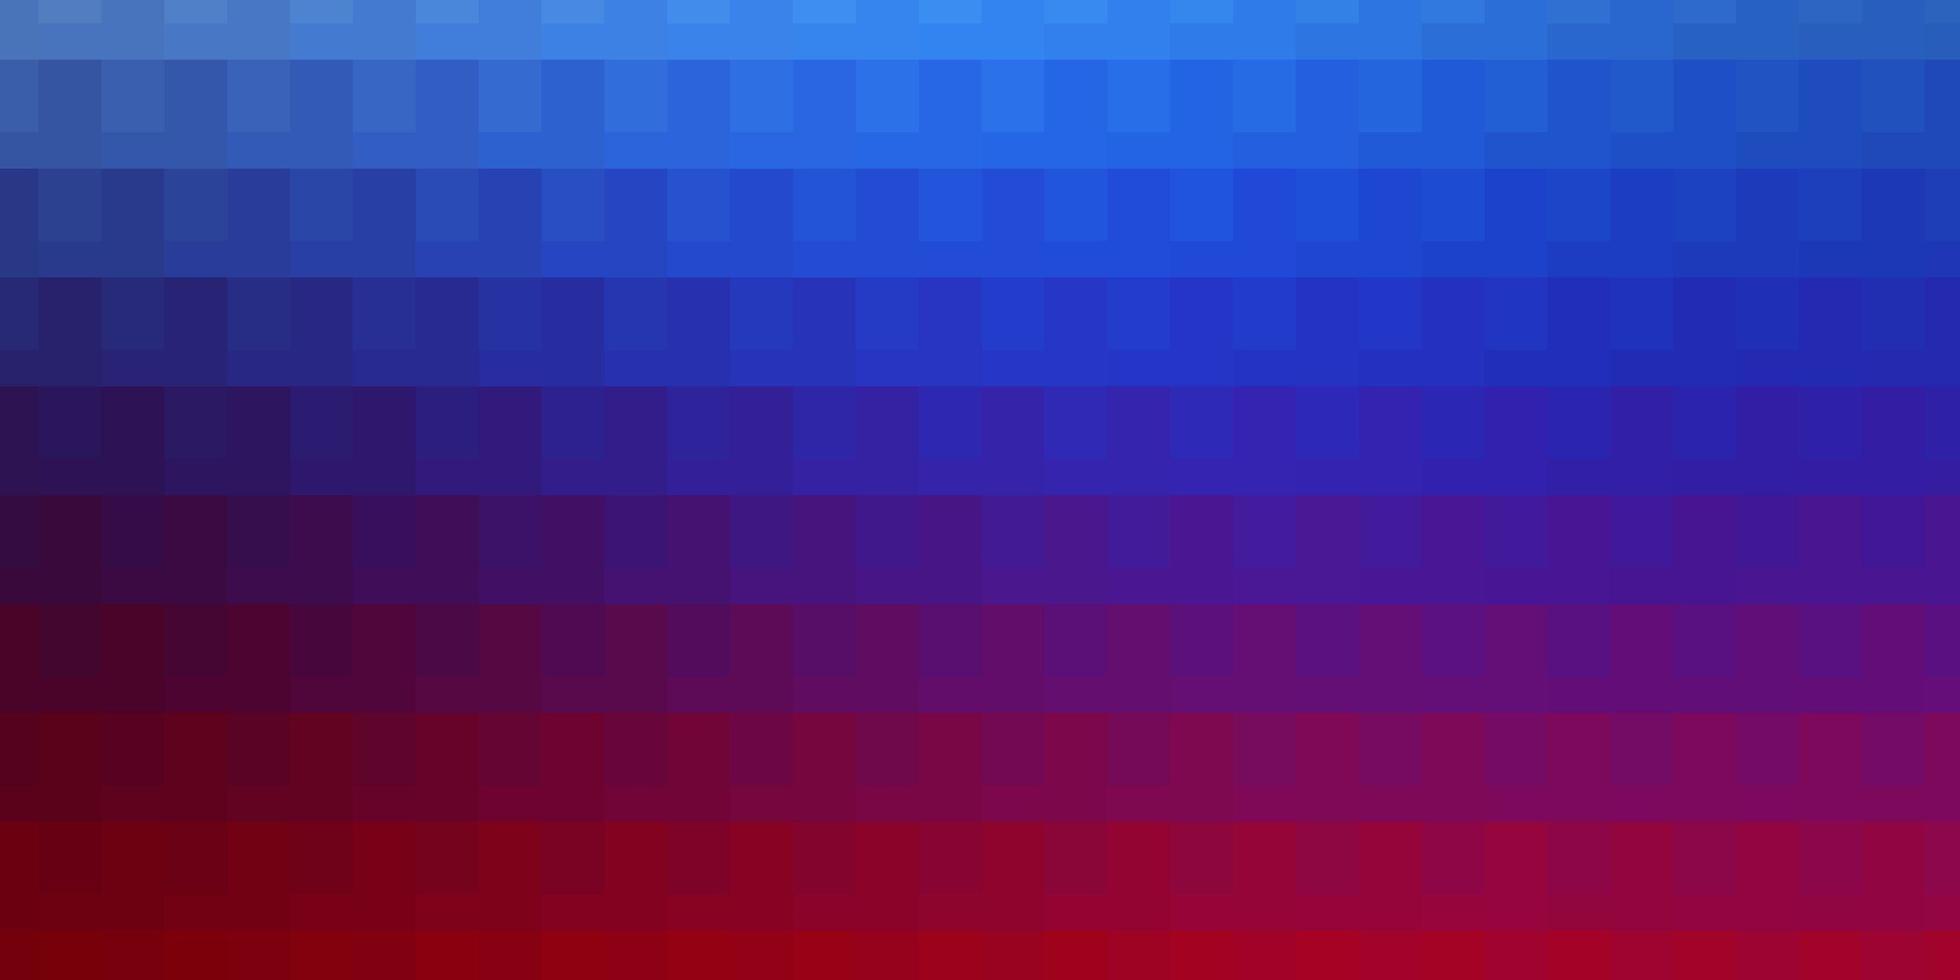 fond de vecteur bleu clair, rouge avec des rectangles.